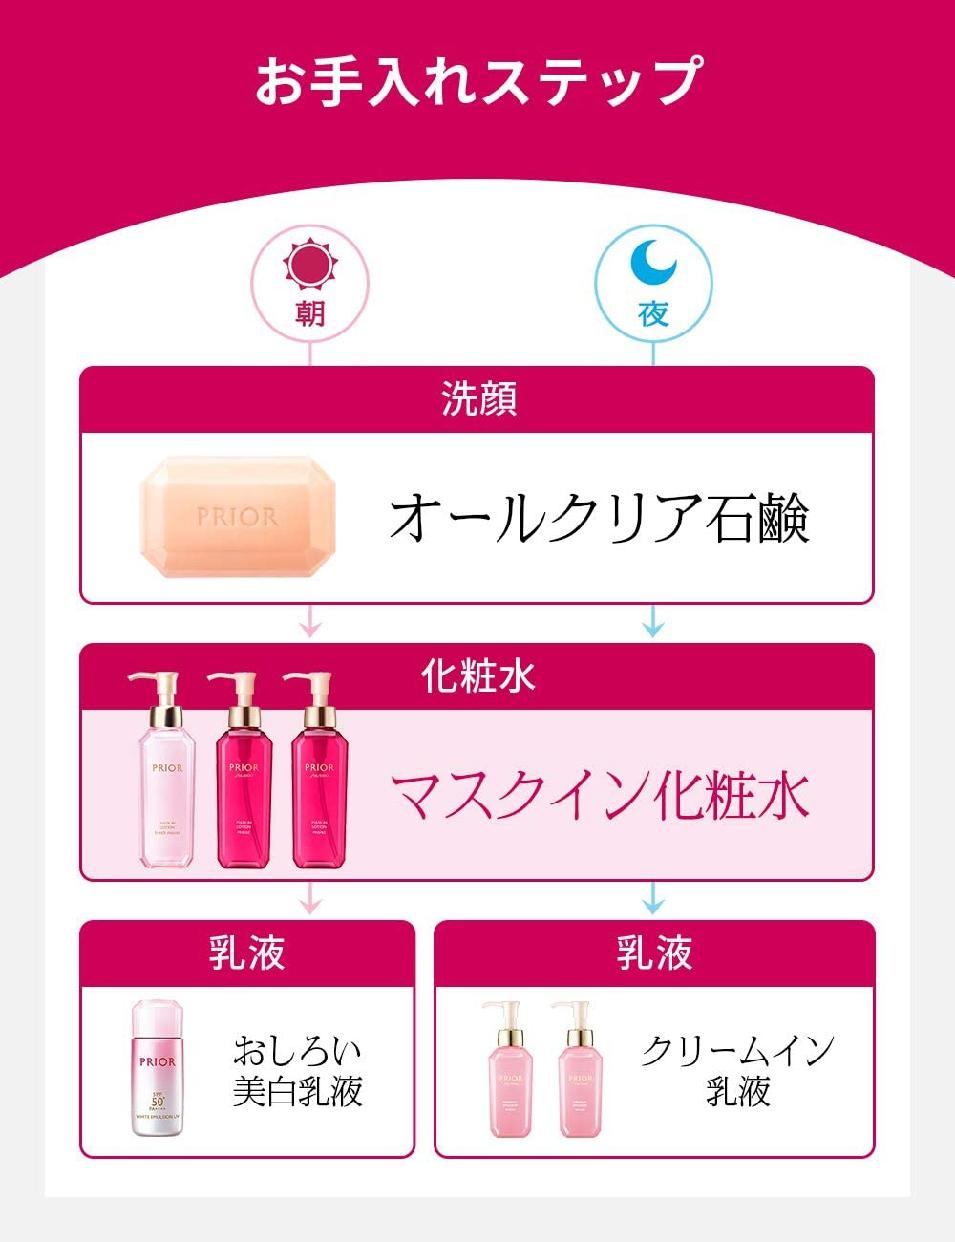 PRIOR(プリオール) マスクイン化粧水(とてもしっとり)の商品画像7